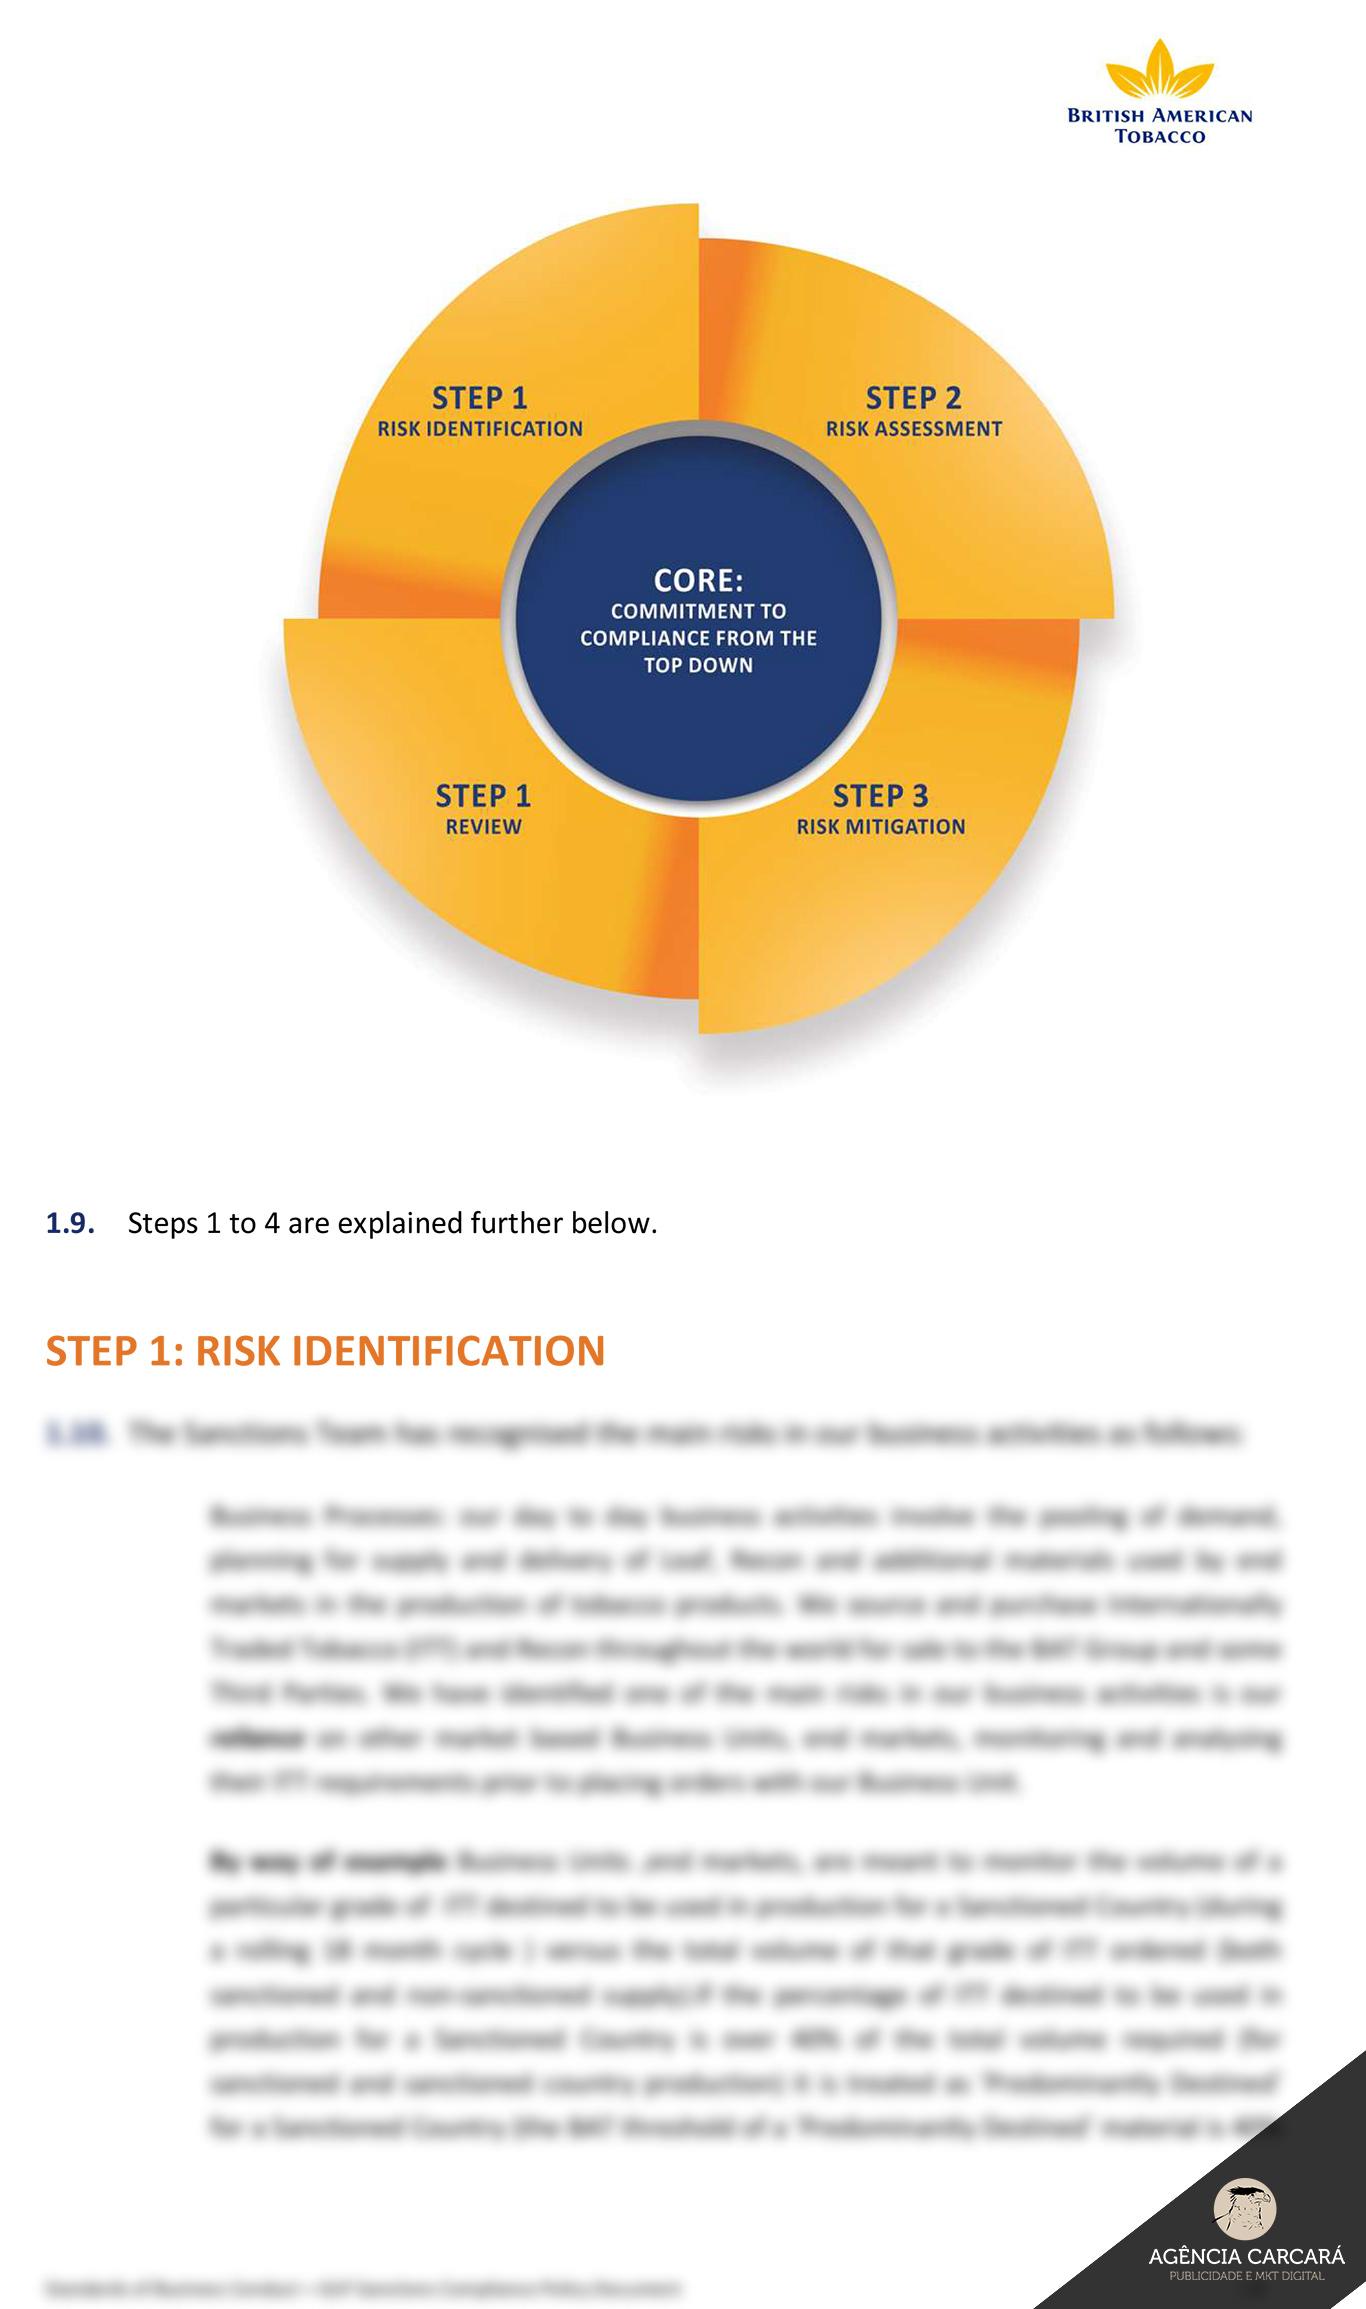 Diagramação e Projeto Gráfico para documentação estratégic e tática da Souza Cruz e British American Tobacco